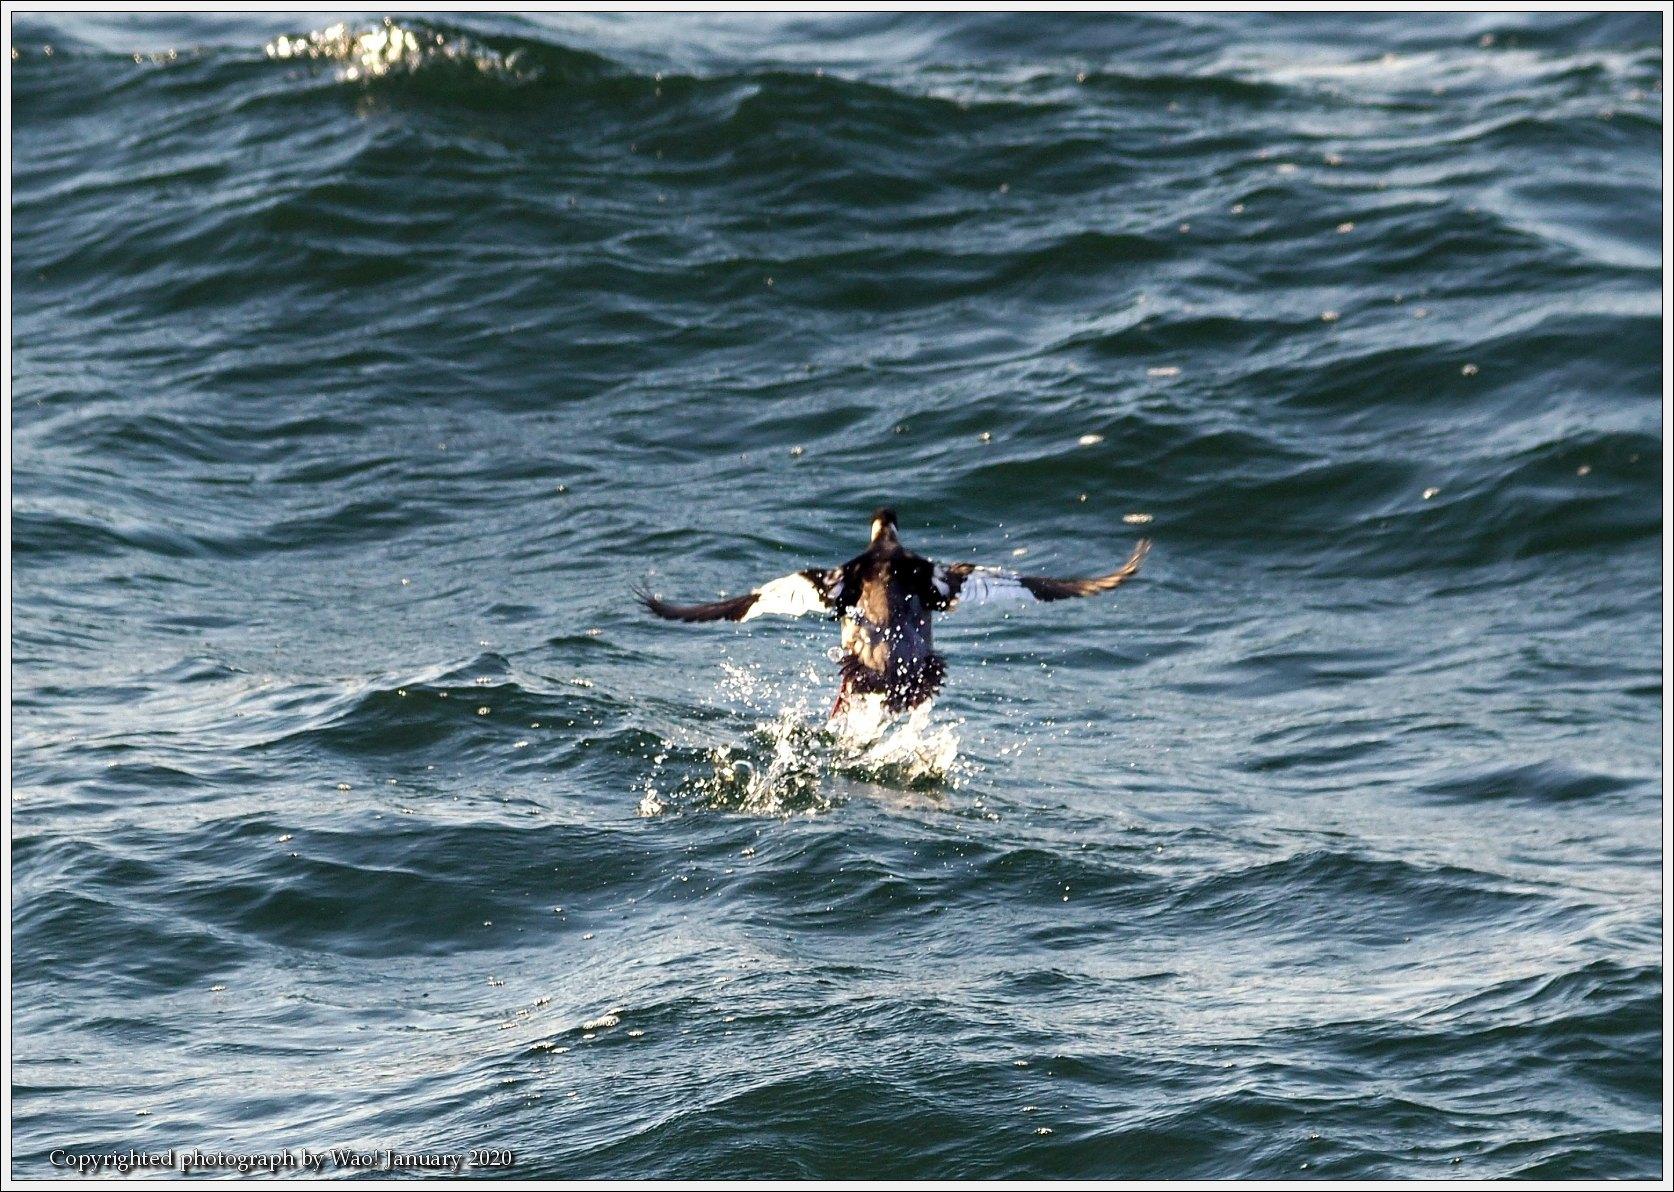 ウミアイサ 内湾で_c0198669_17411508.jpg